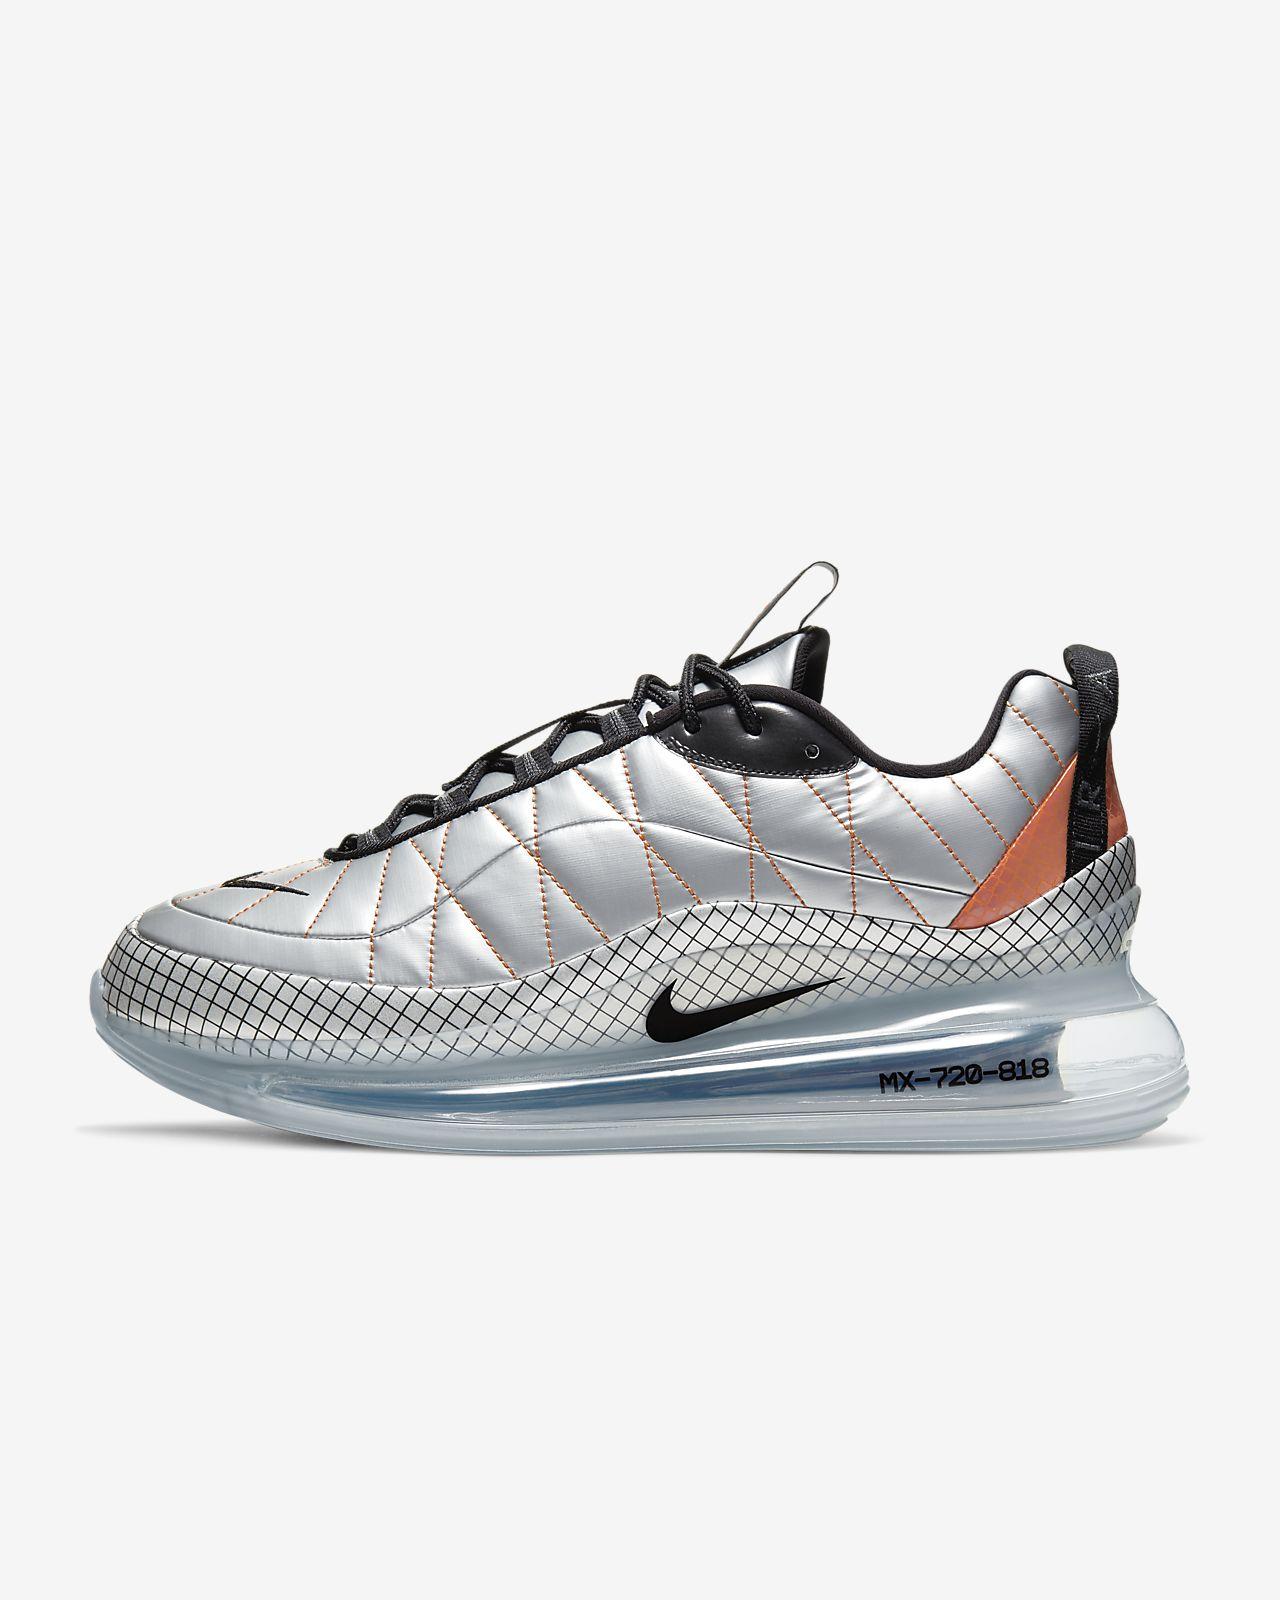 รองเท้าผู้ชาย Nike MX-720-818